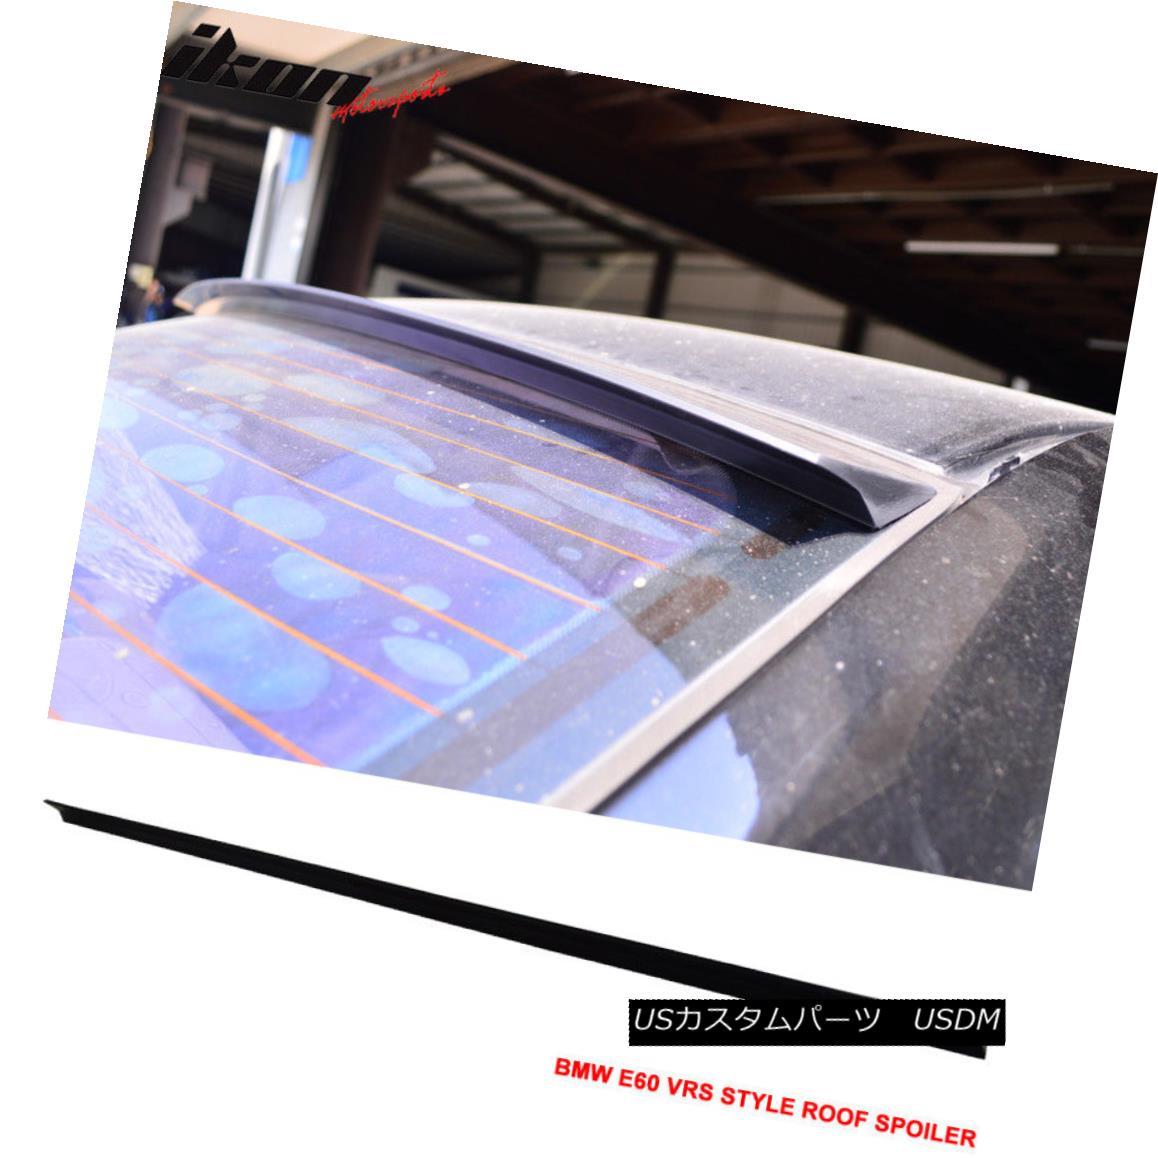 エアロパーツ 04-10 BMW E60 VRS Style Roof Spoiler Unpainted Black - PUF 04-10 BMW E60 VRSスタイルルーフスポイラー無塗装黒 - PUF